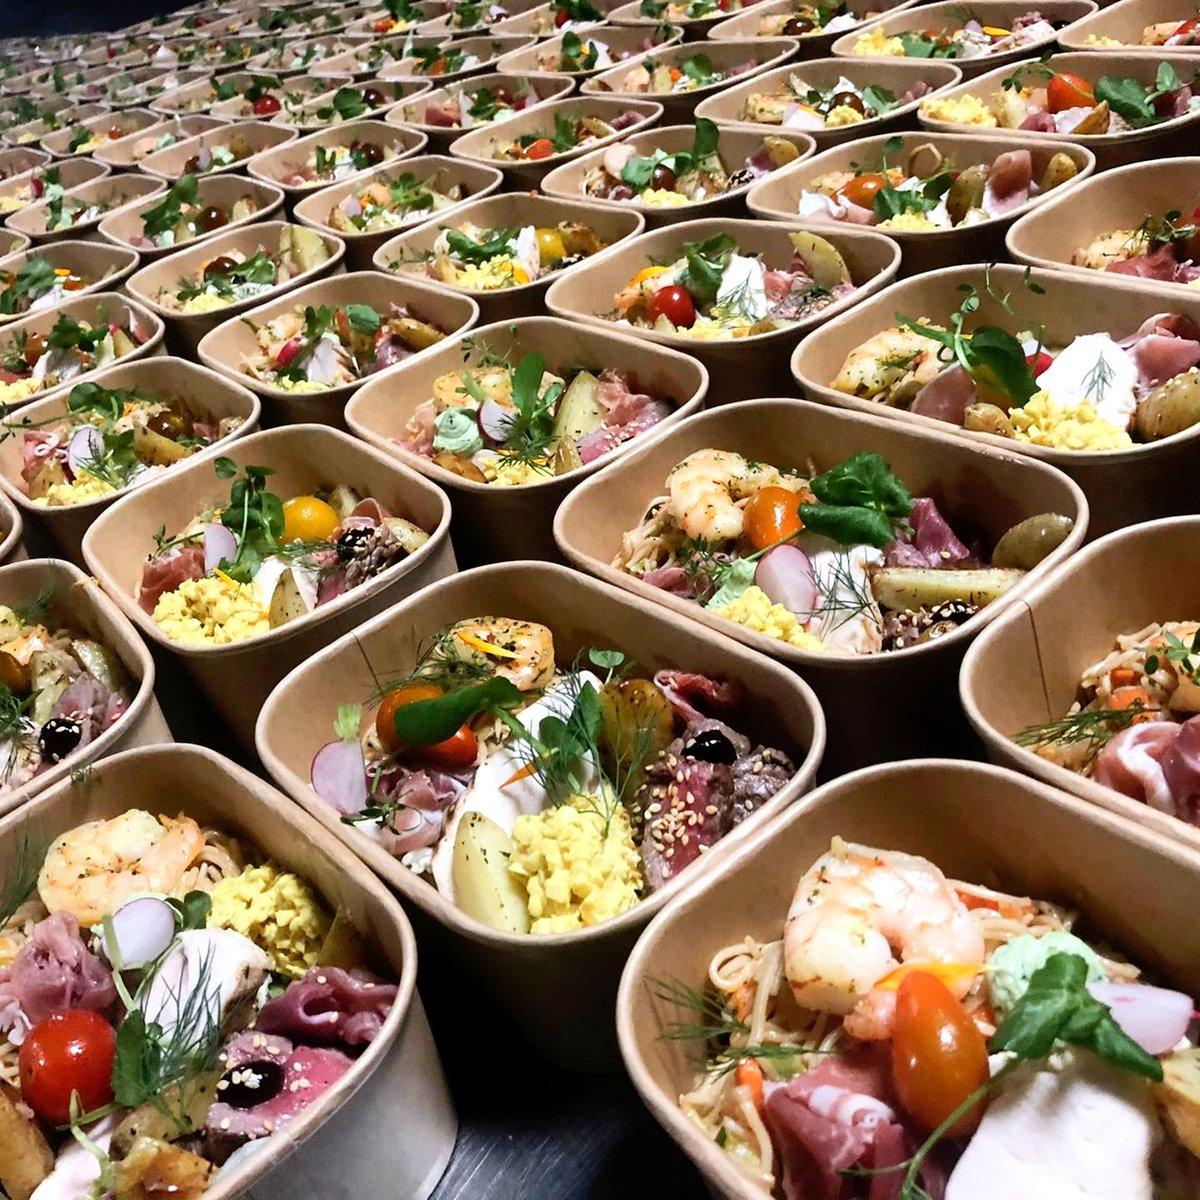 100 foodboxen + 100 partyboxen = 200% gegarandeerd amusement voor een súper geslaagde digitale nieuwjaarparty! 🎉🎉🎉 En dit alles met de glimlach thuis geleverd! #insidekortrijkxpo #gptw https://t.co/q3xCkCMDhV